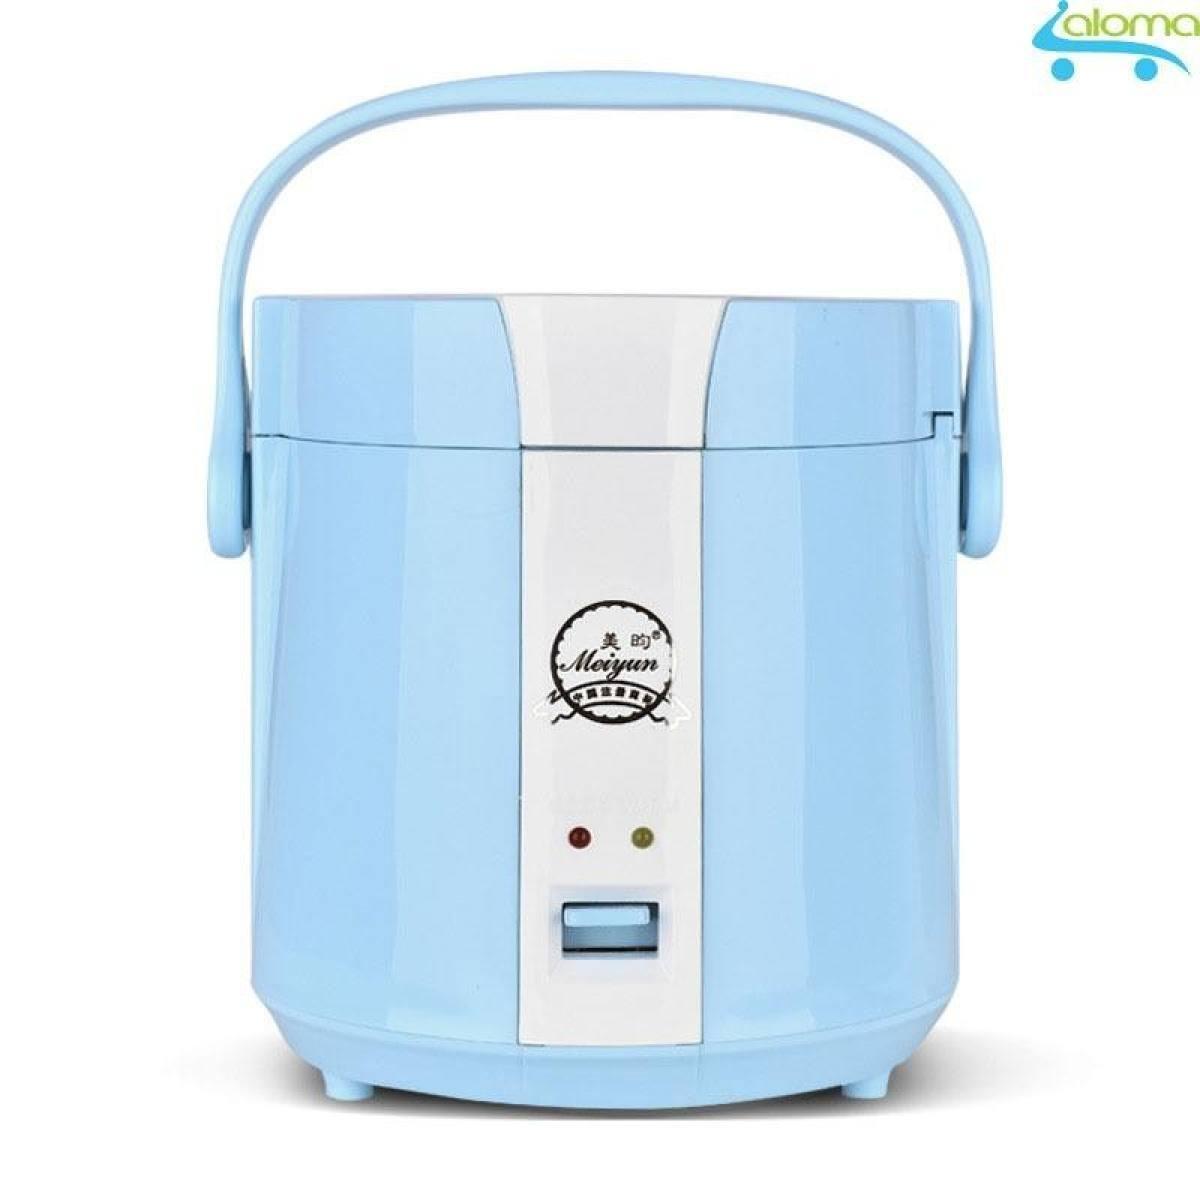 Nồi Cơm điện Mini 1.2L Meiyun B12-A Nấu Cơm Hâm Nóng Nấu Cháo Hầm Xương (màu Xanh) Bất Ngờ Giảm Giá